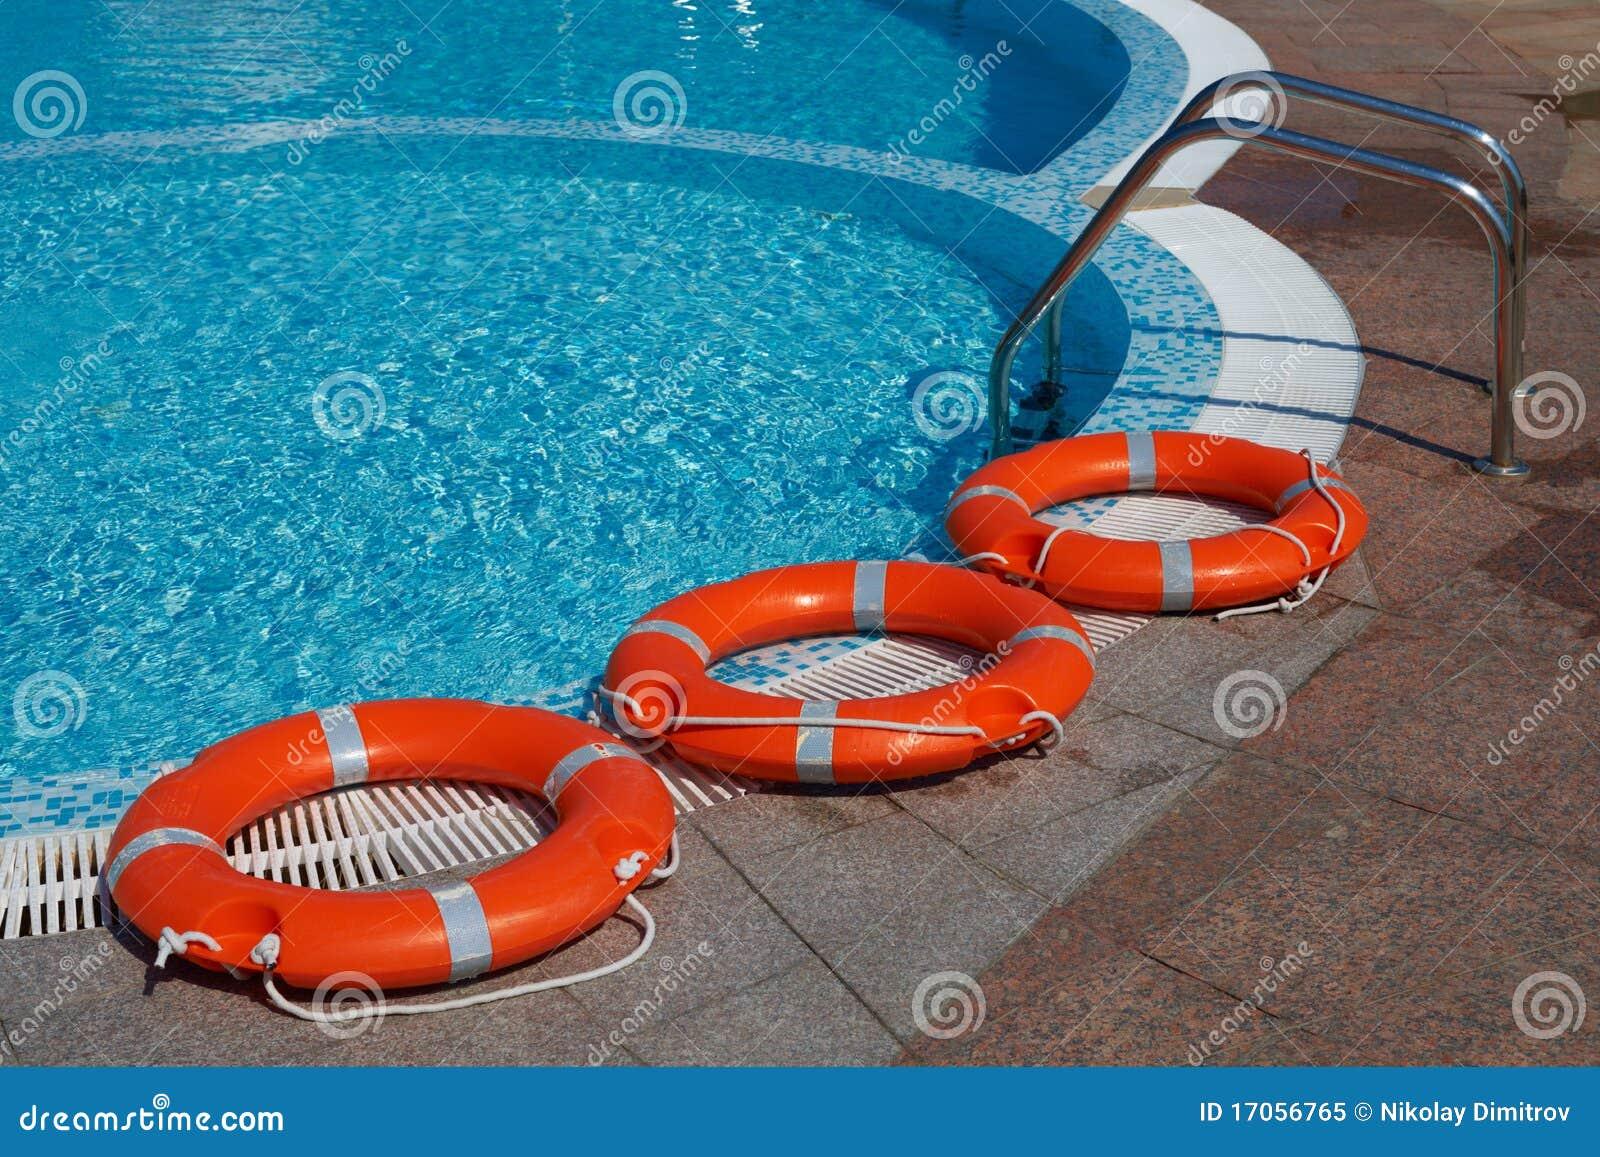 flotadores y piscina imagen de archivo imagen de vida On flotadores piscina